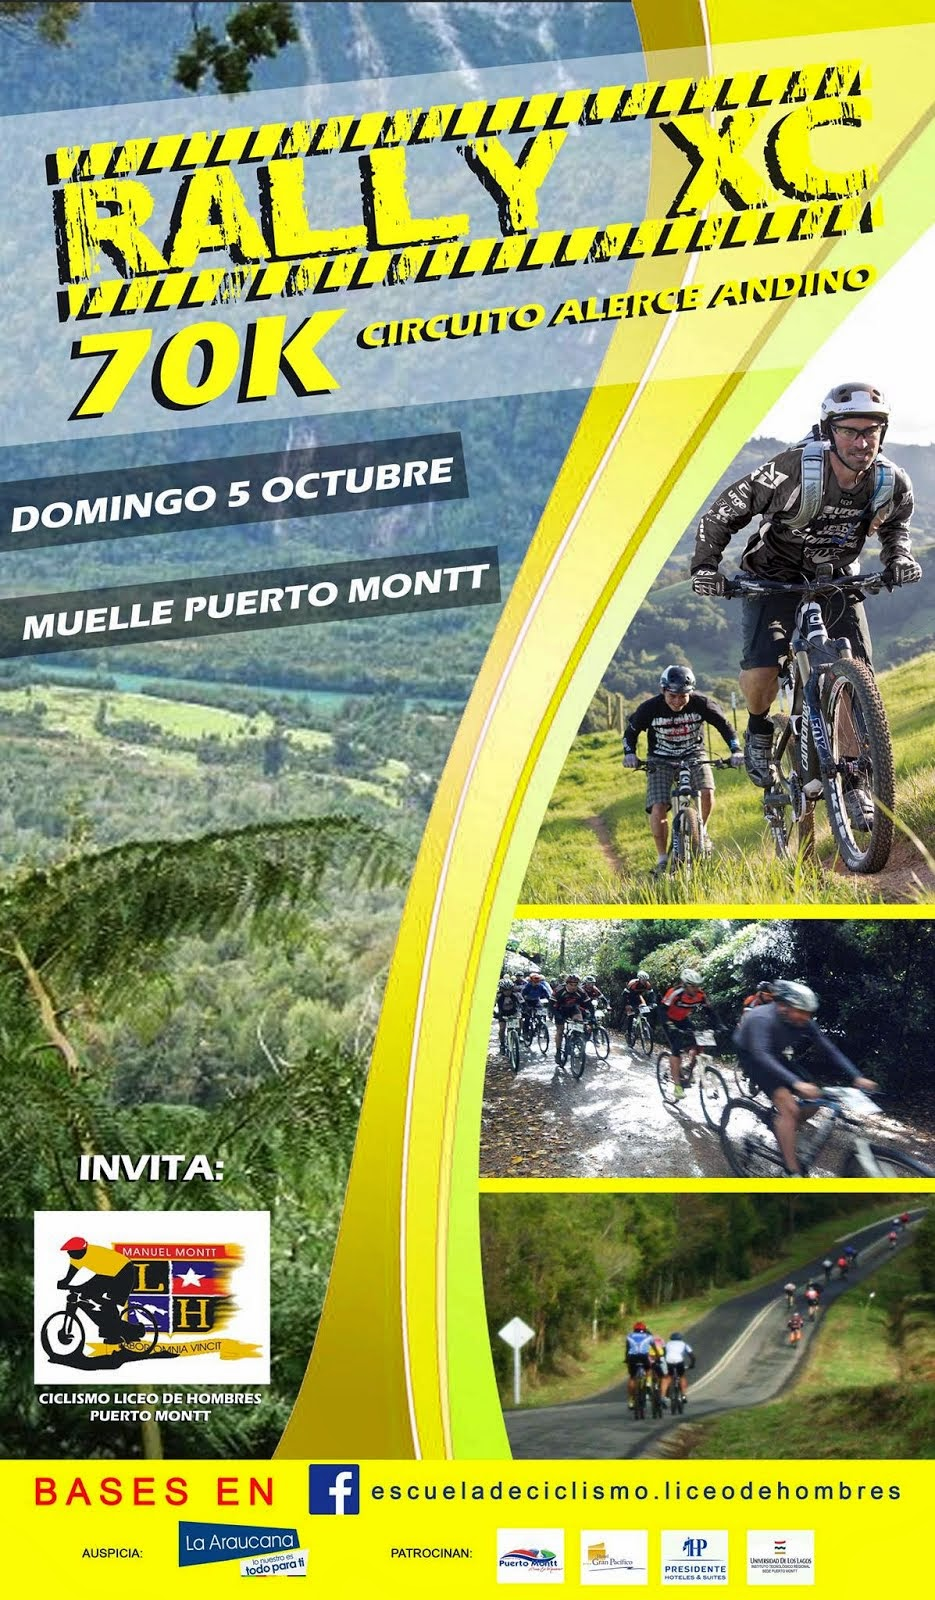 Rally 70k XCM Liceo de Hombres